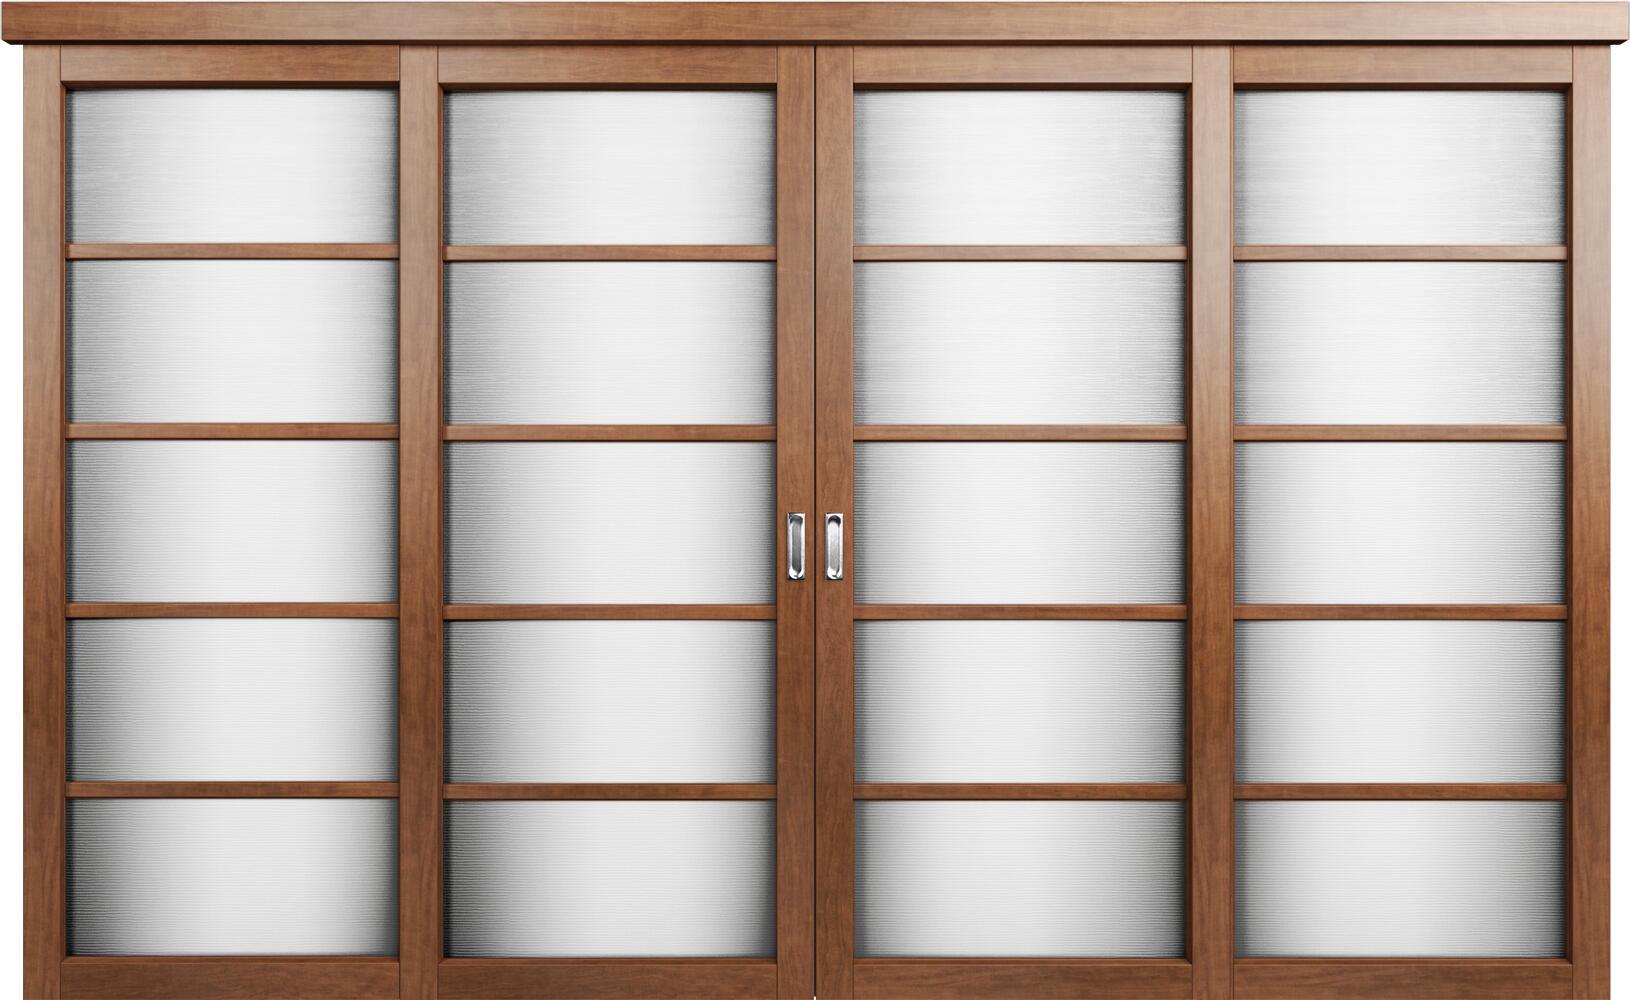 Коллекция Перегородки Двухполосная раздвижная система для 4-х полотен. Тип 1 Анегри + Канны